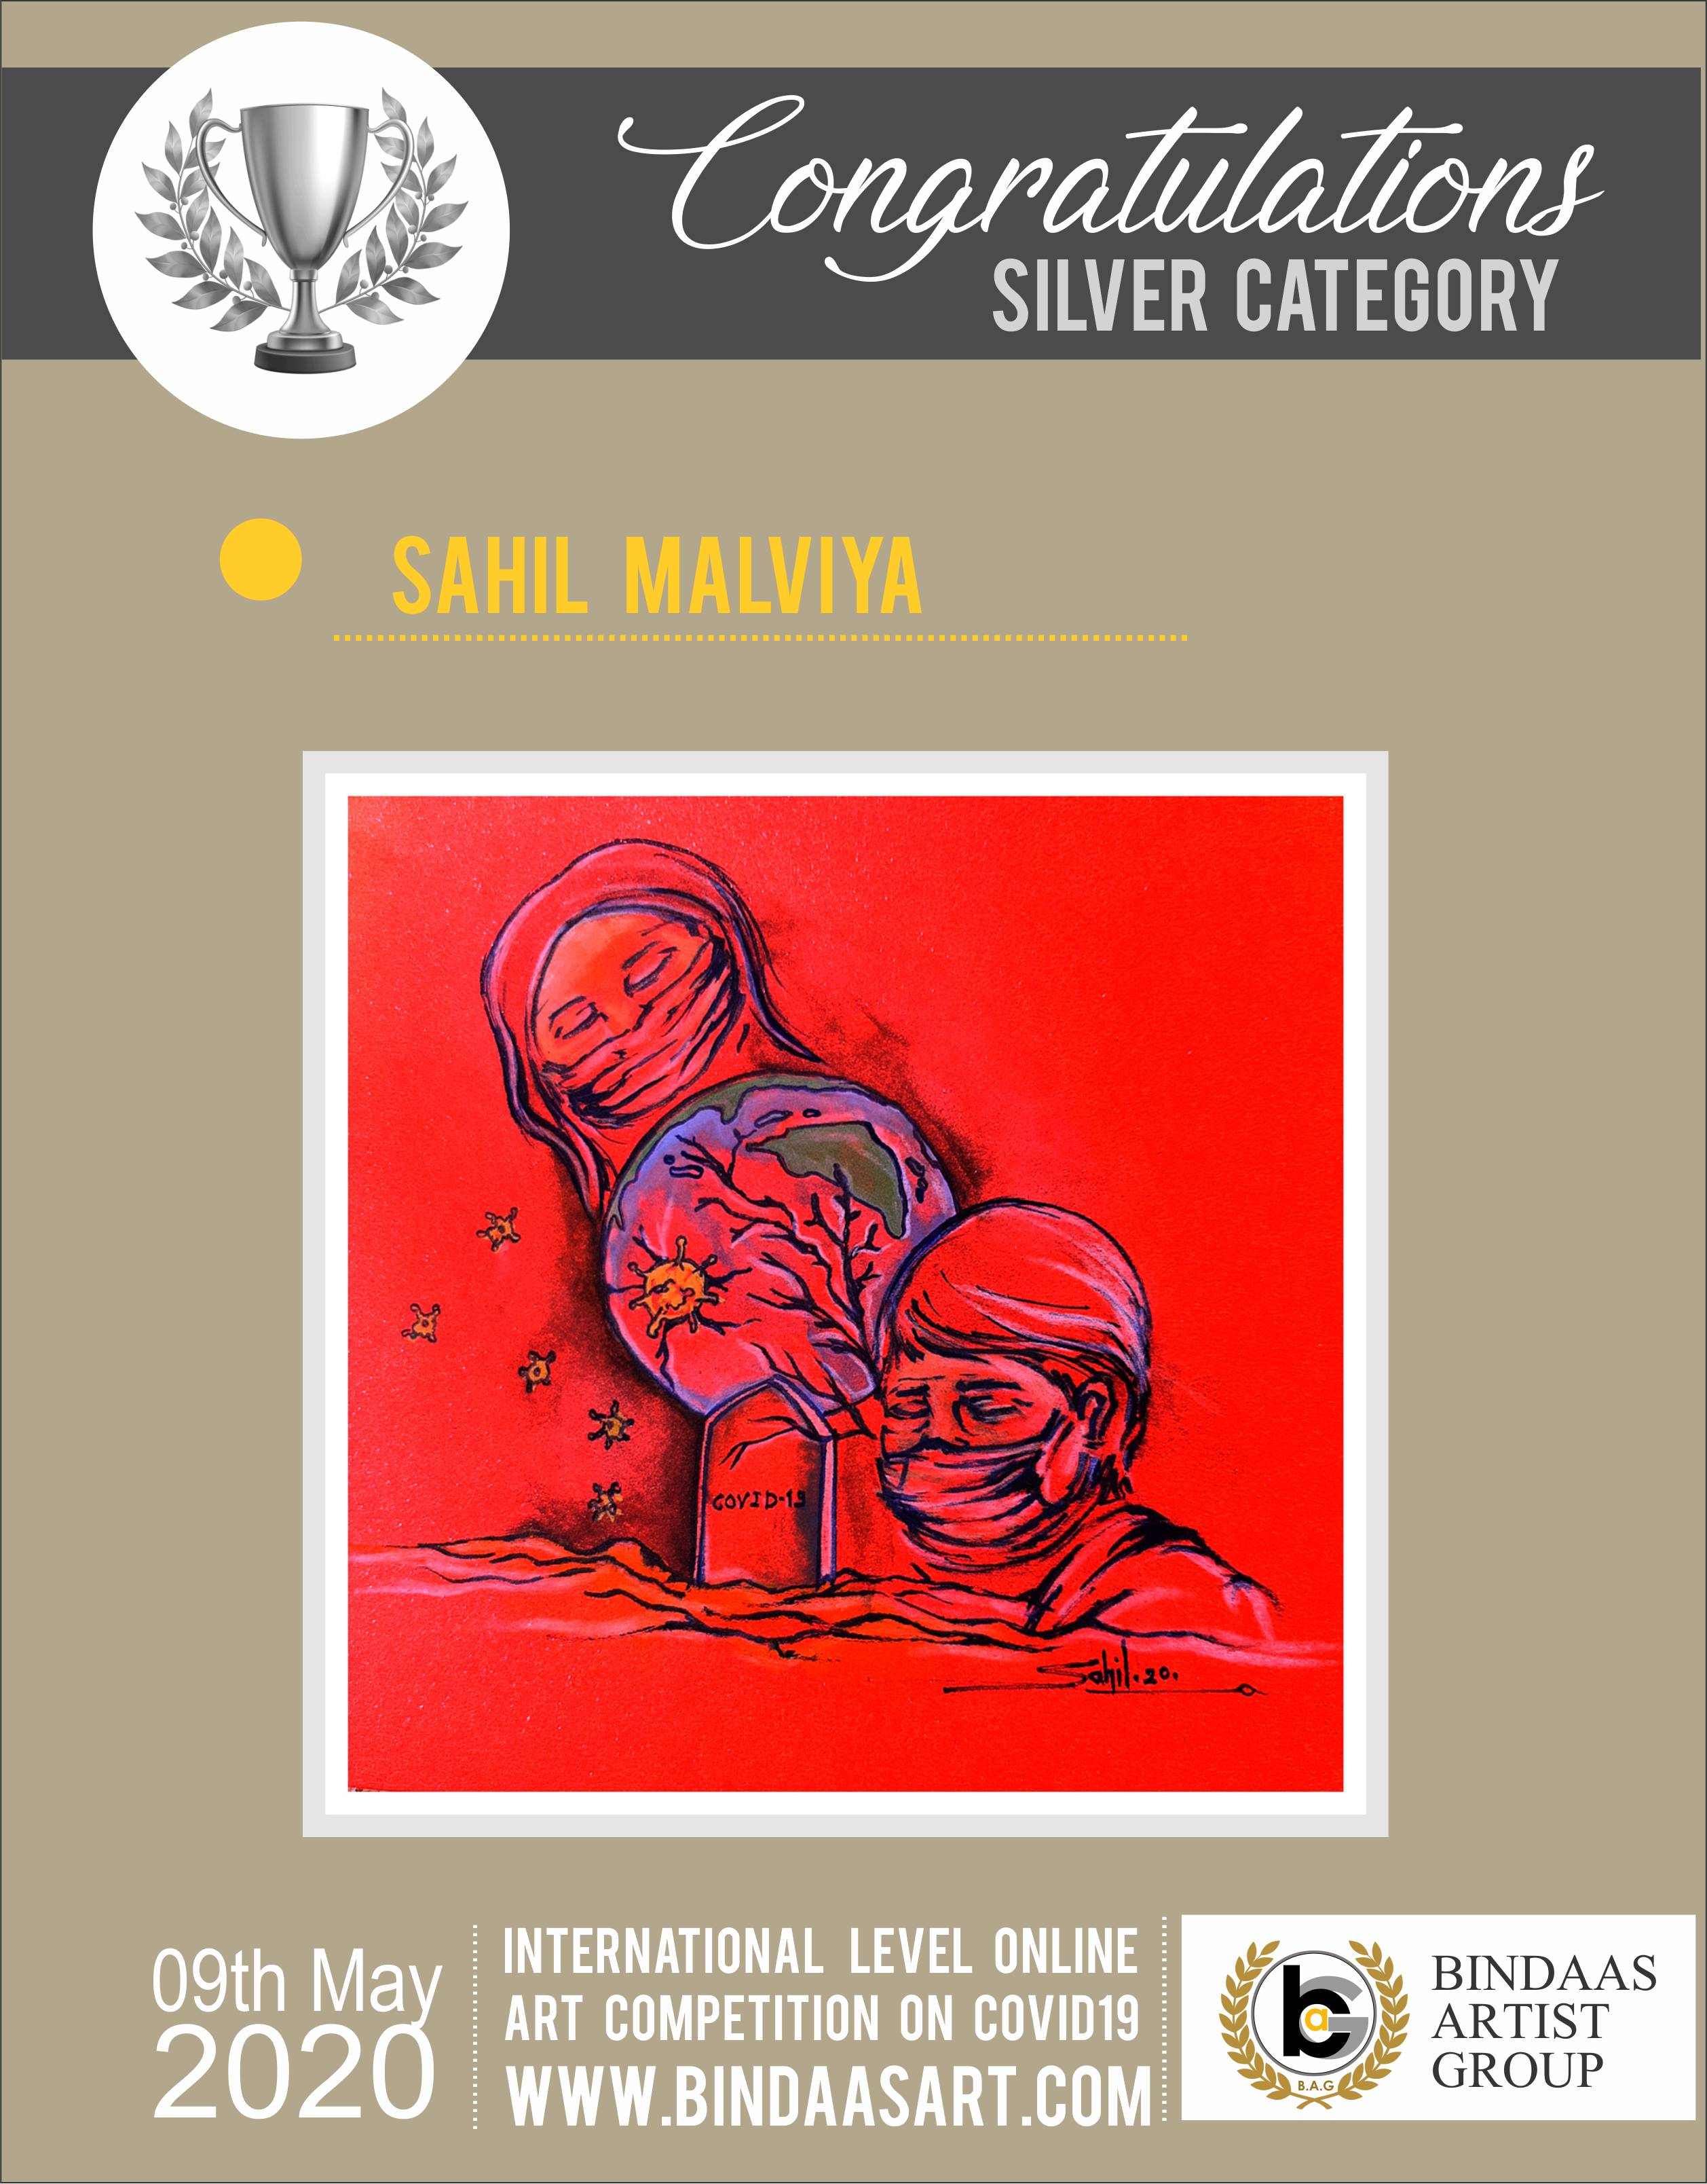 SAHIL MALVIYA